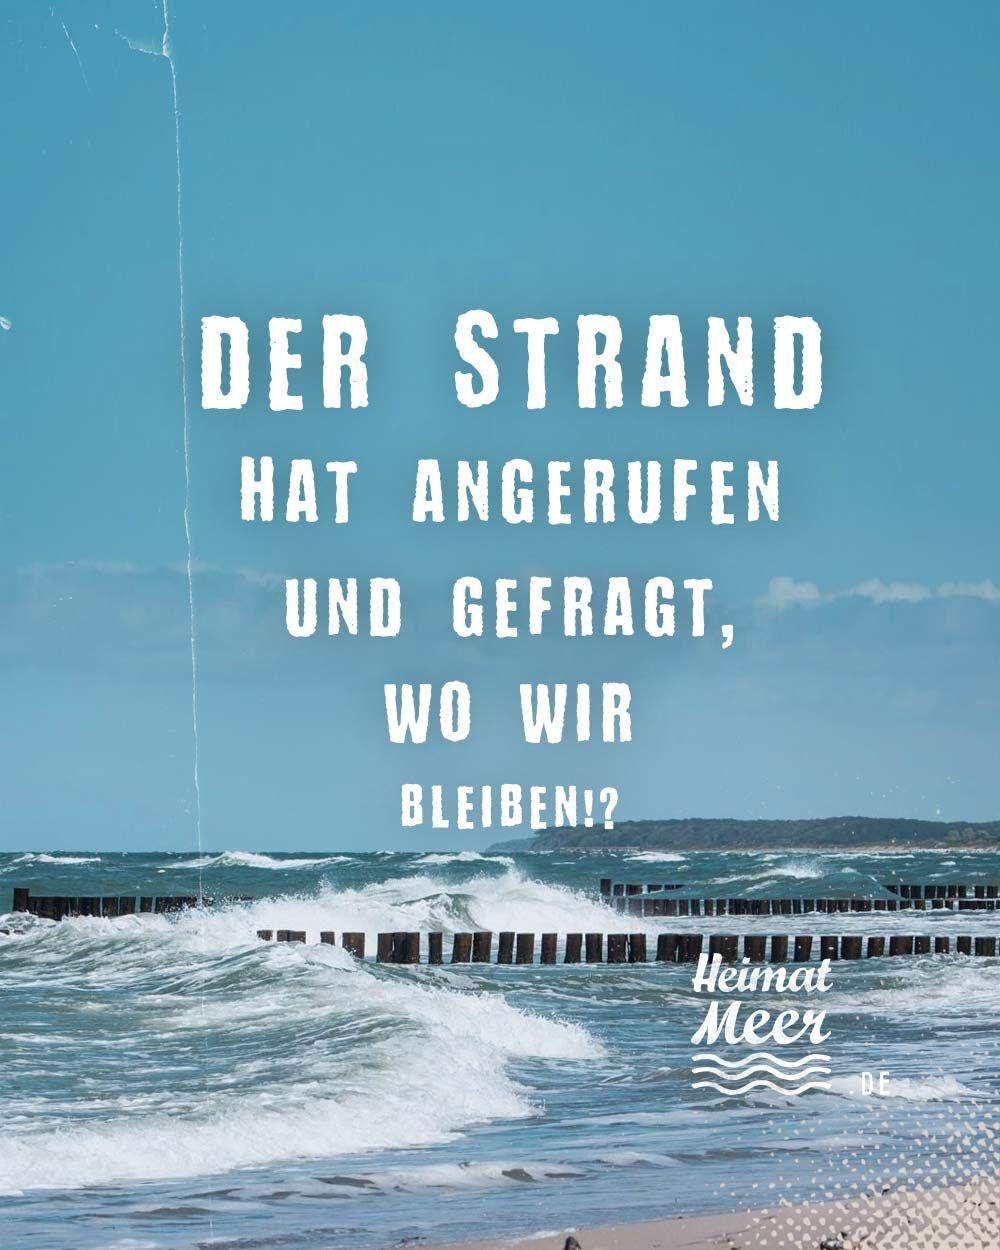 Der Strand hat angerufen 📞... Mee(h)r>>